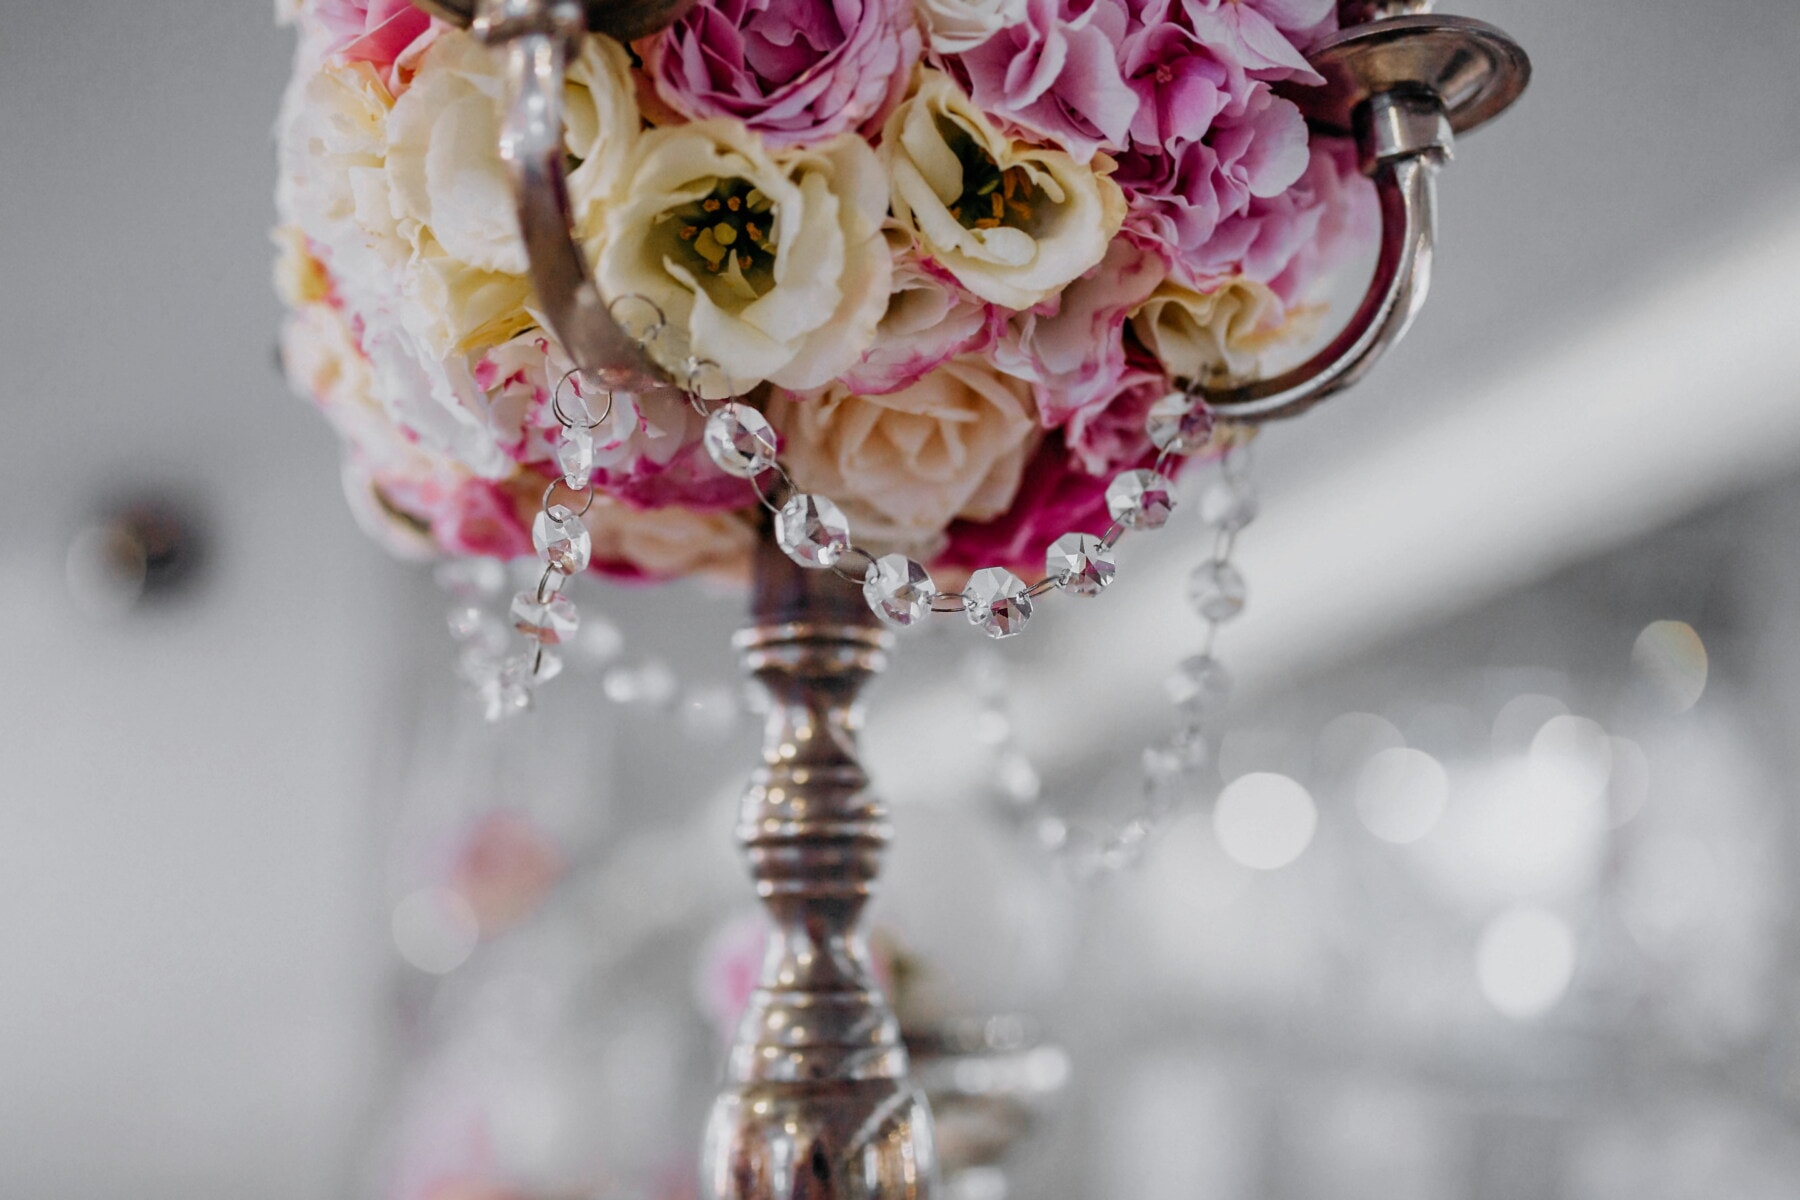 Lust auf, Kristall, Leuchter, dekorative, Blumenstrauß, Rosa, Blume, Dekoration, schöne, stieg